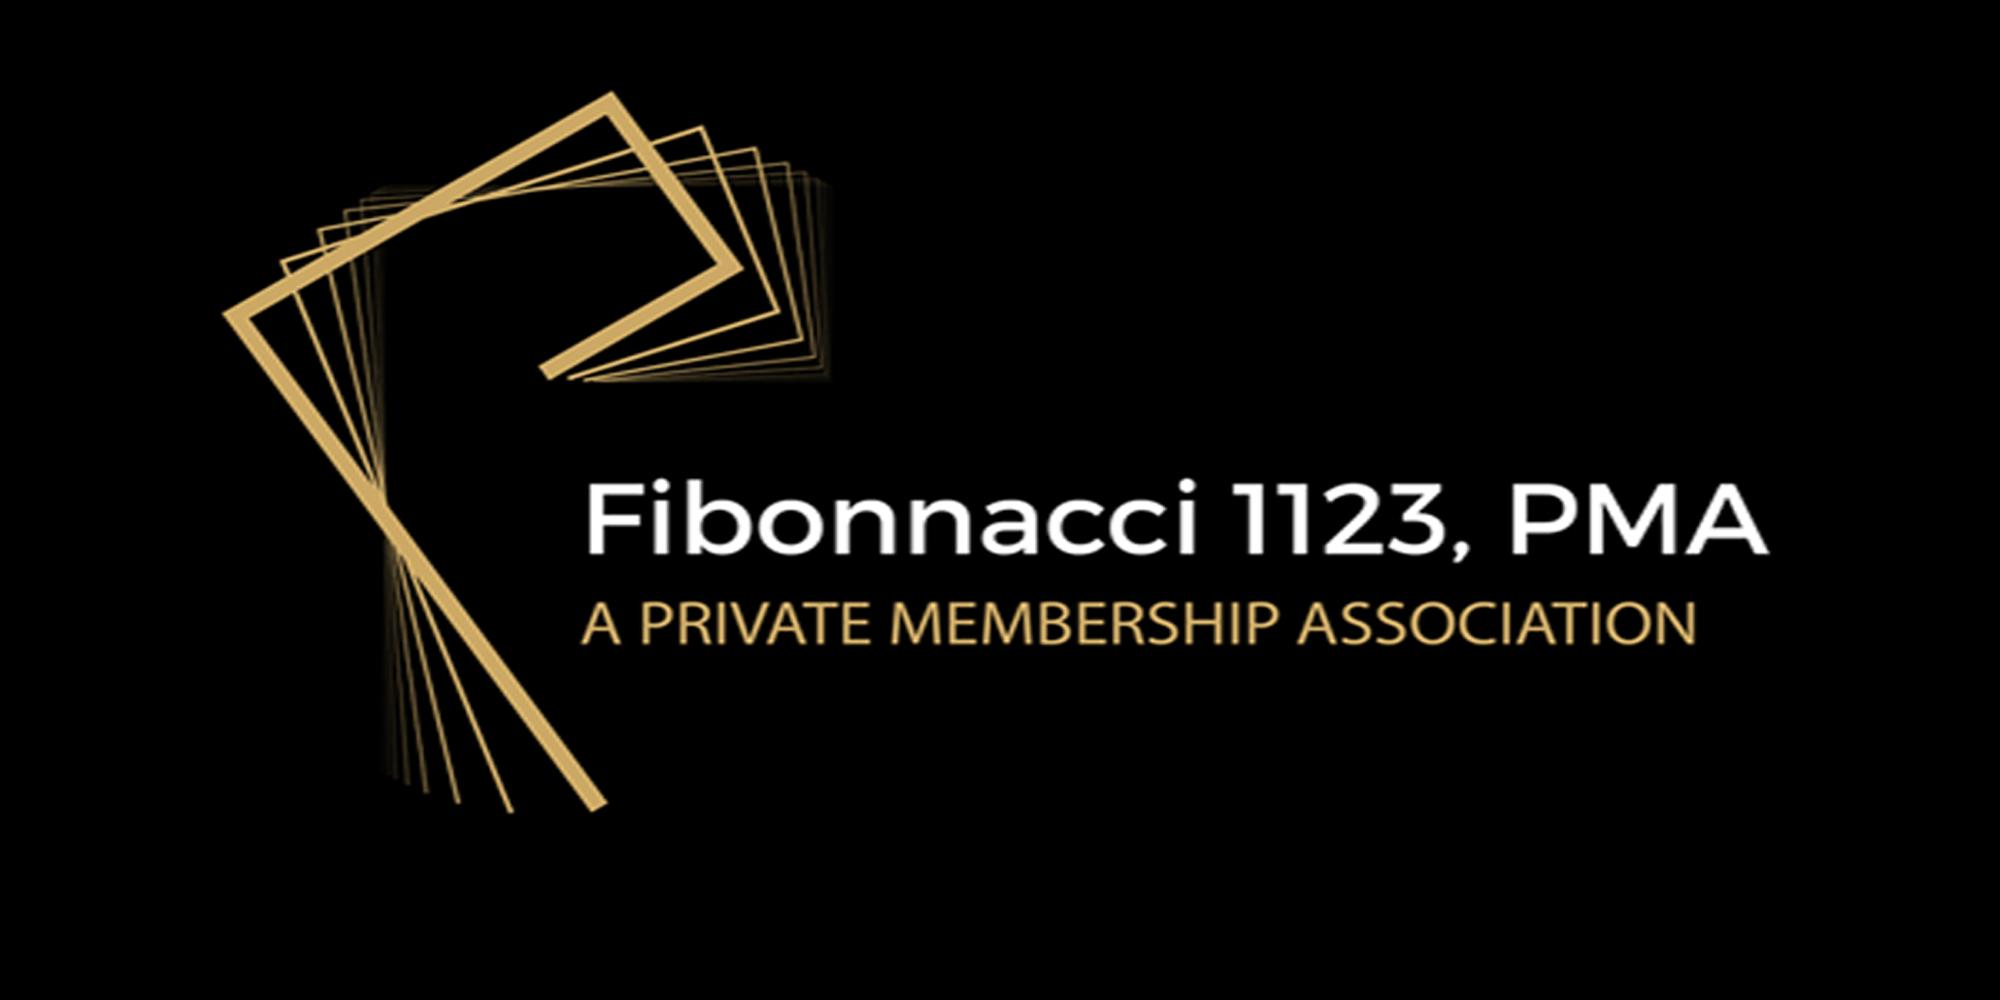 Fibonnacci 1123, PMA